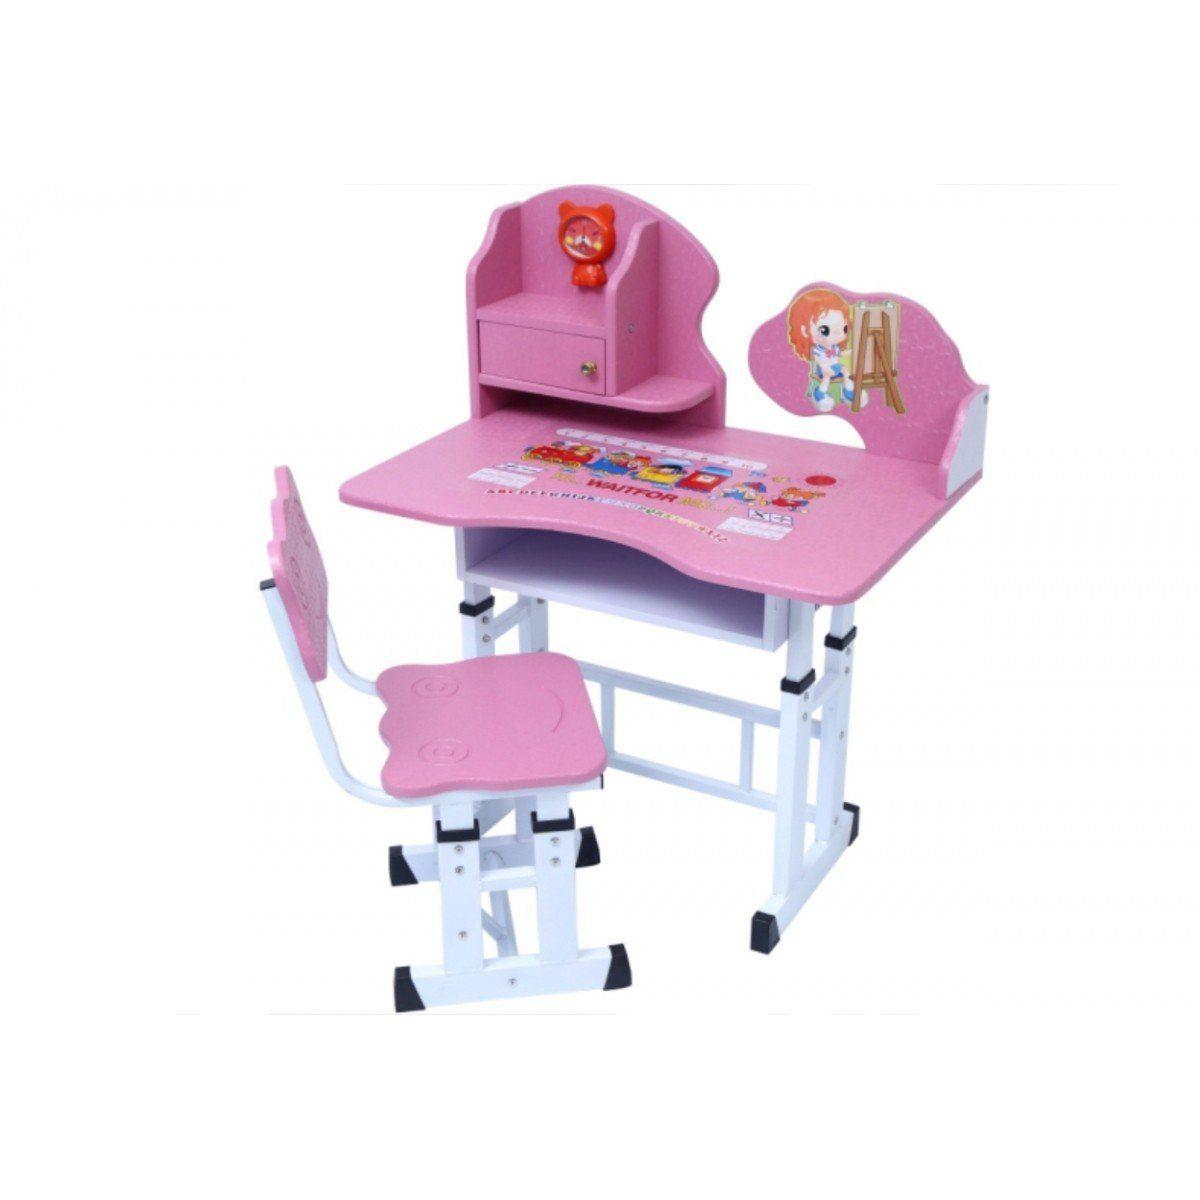 Mesa e Cadeira Infantil Smart com Regulagem de Altura - Facthus